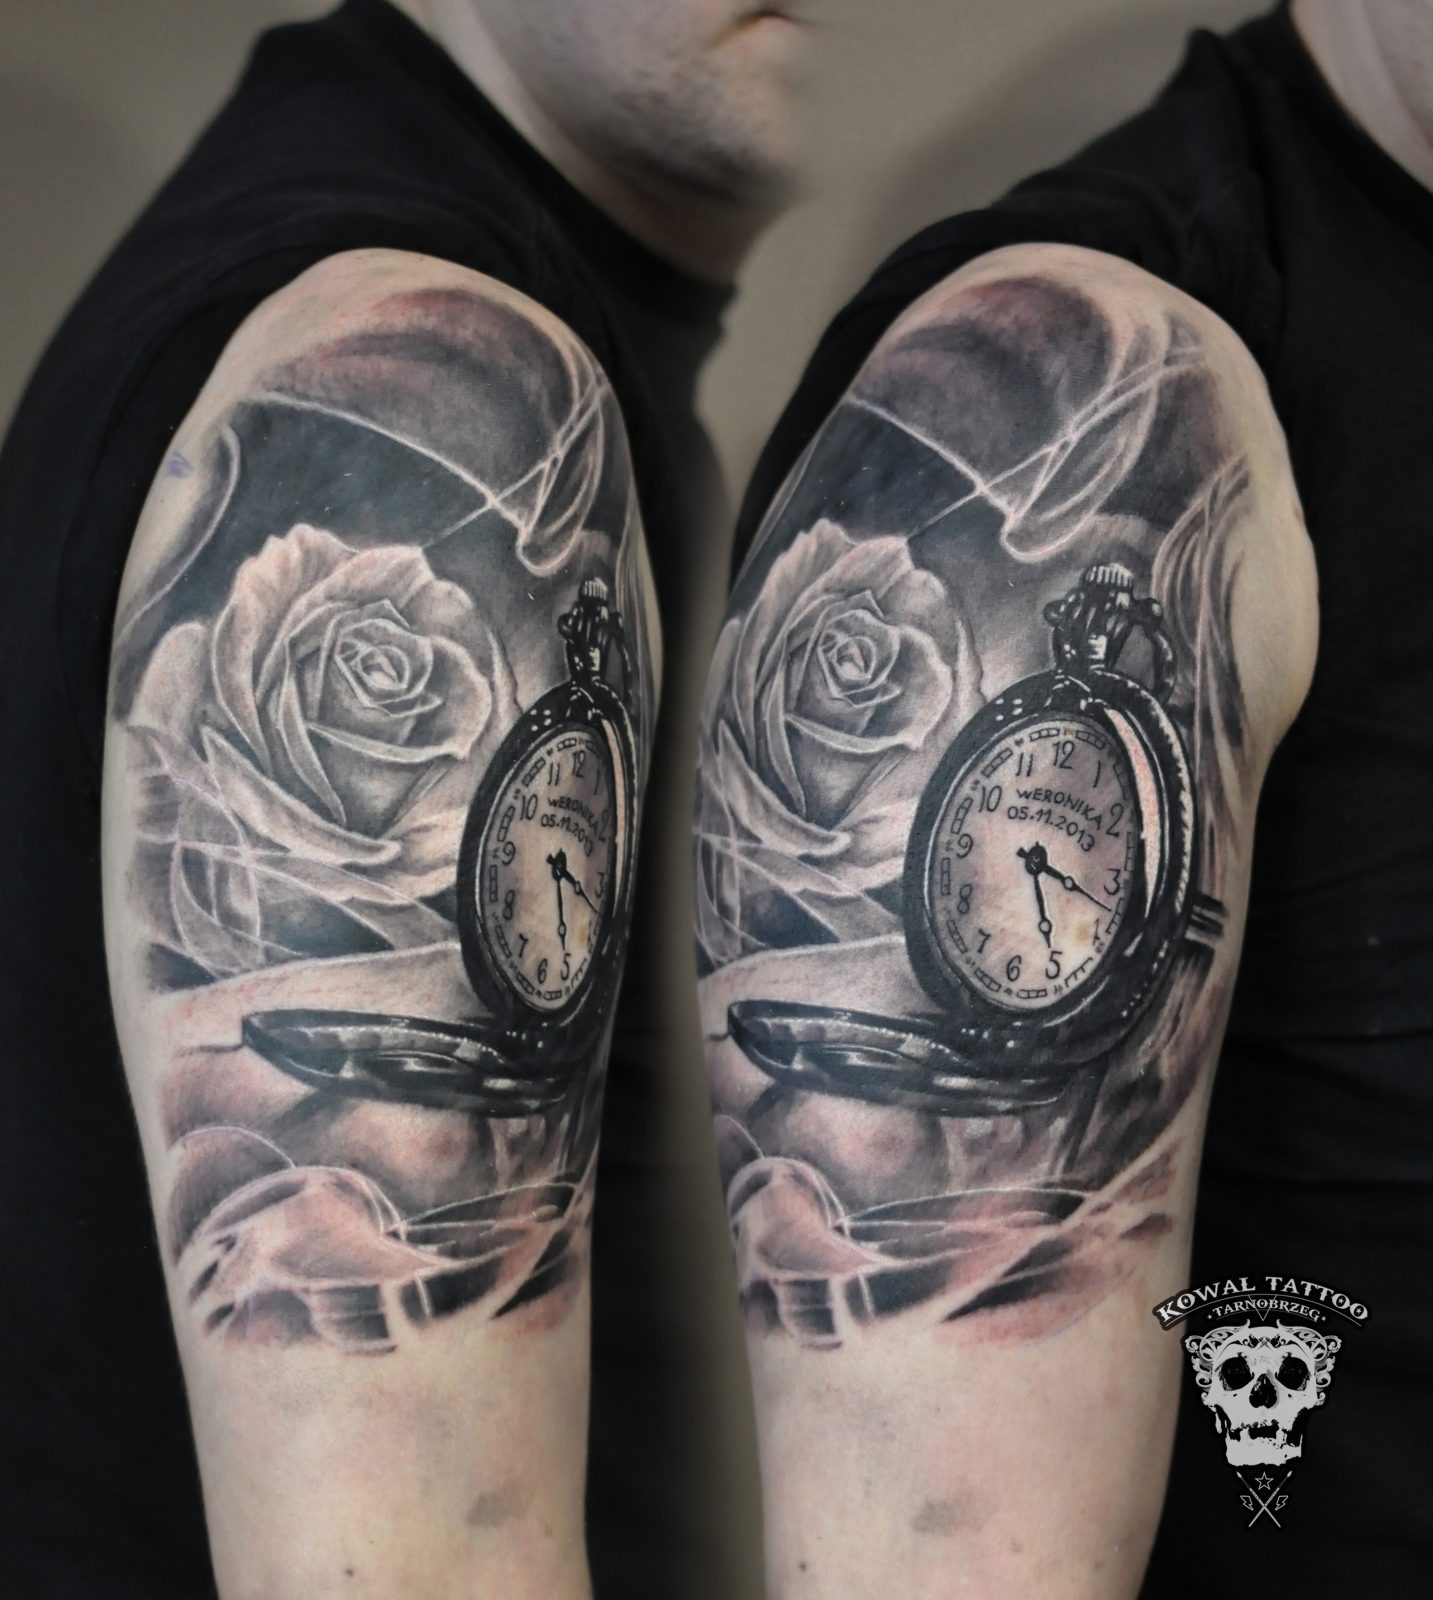 tatuaz_tarnobrzeg_5